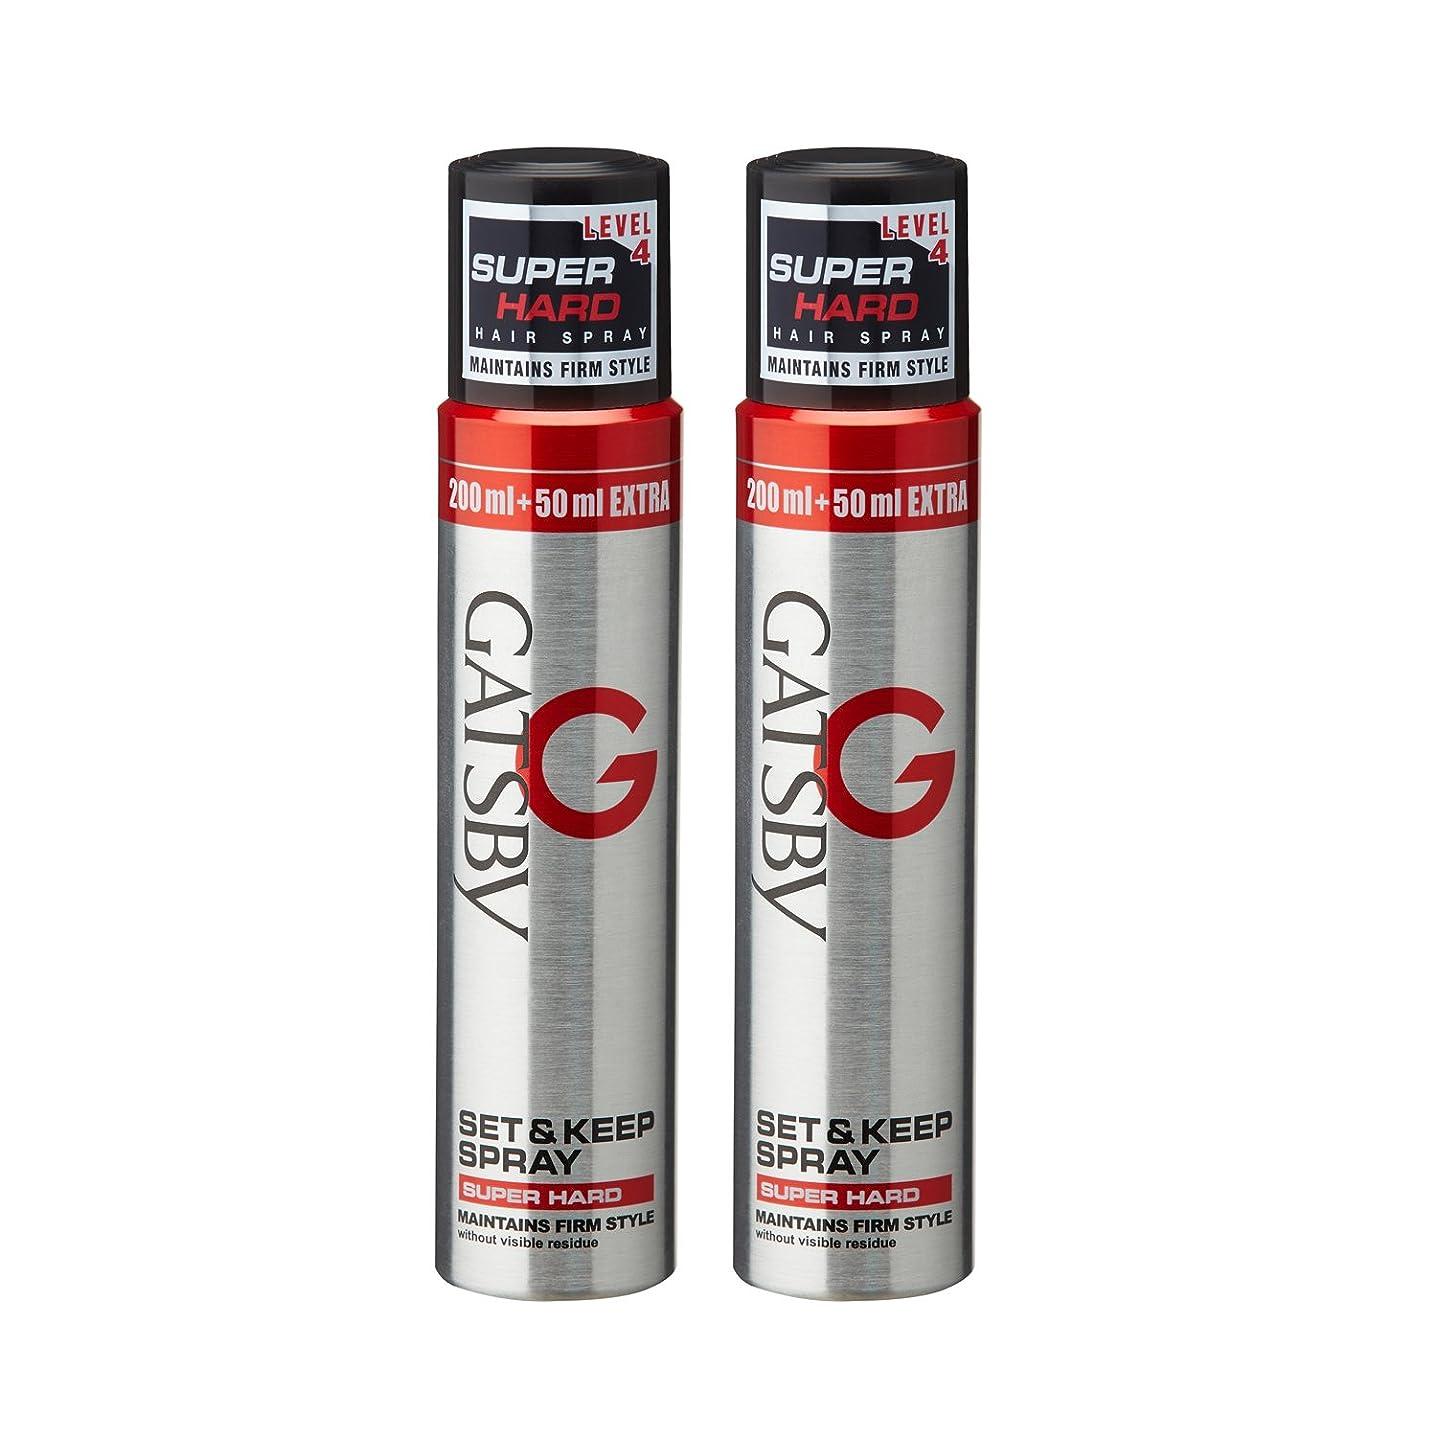 取り戻す曲線ドールGatsby Set and Keep Super Hard Hair Spray, 250ml (Pack of 2)